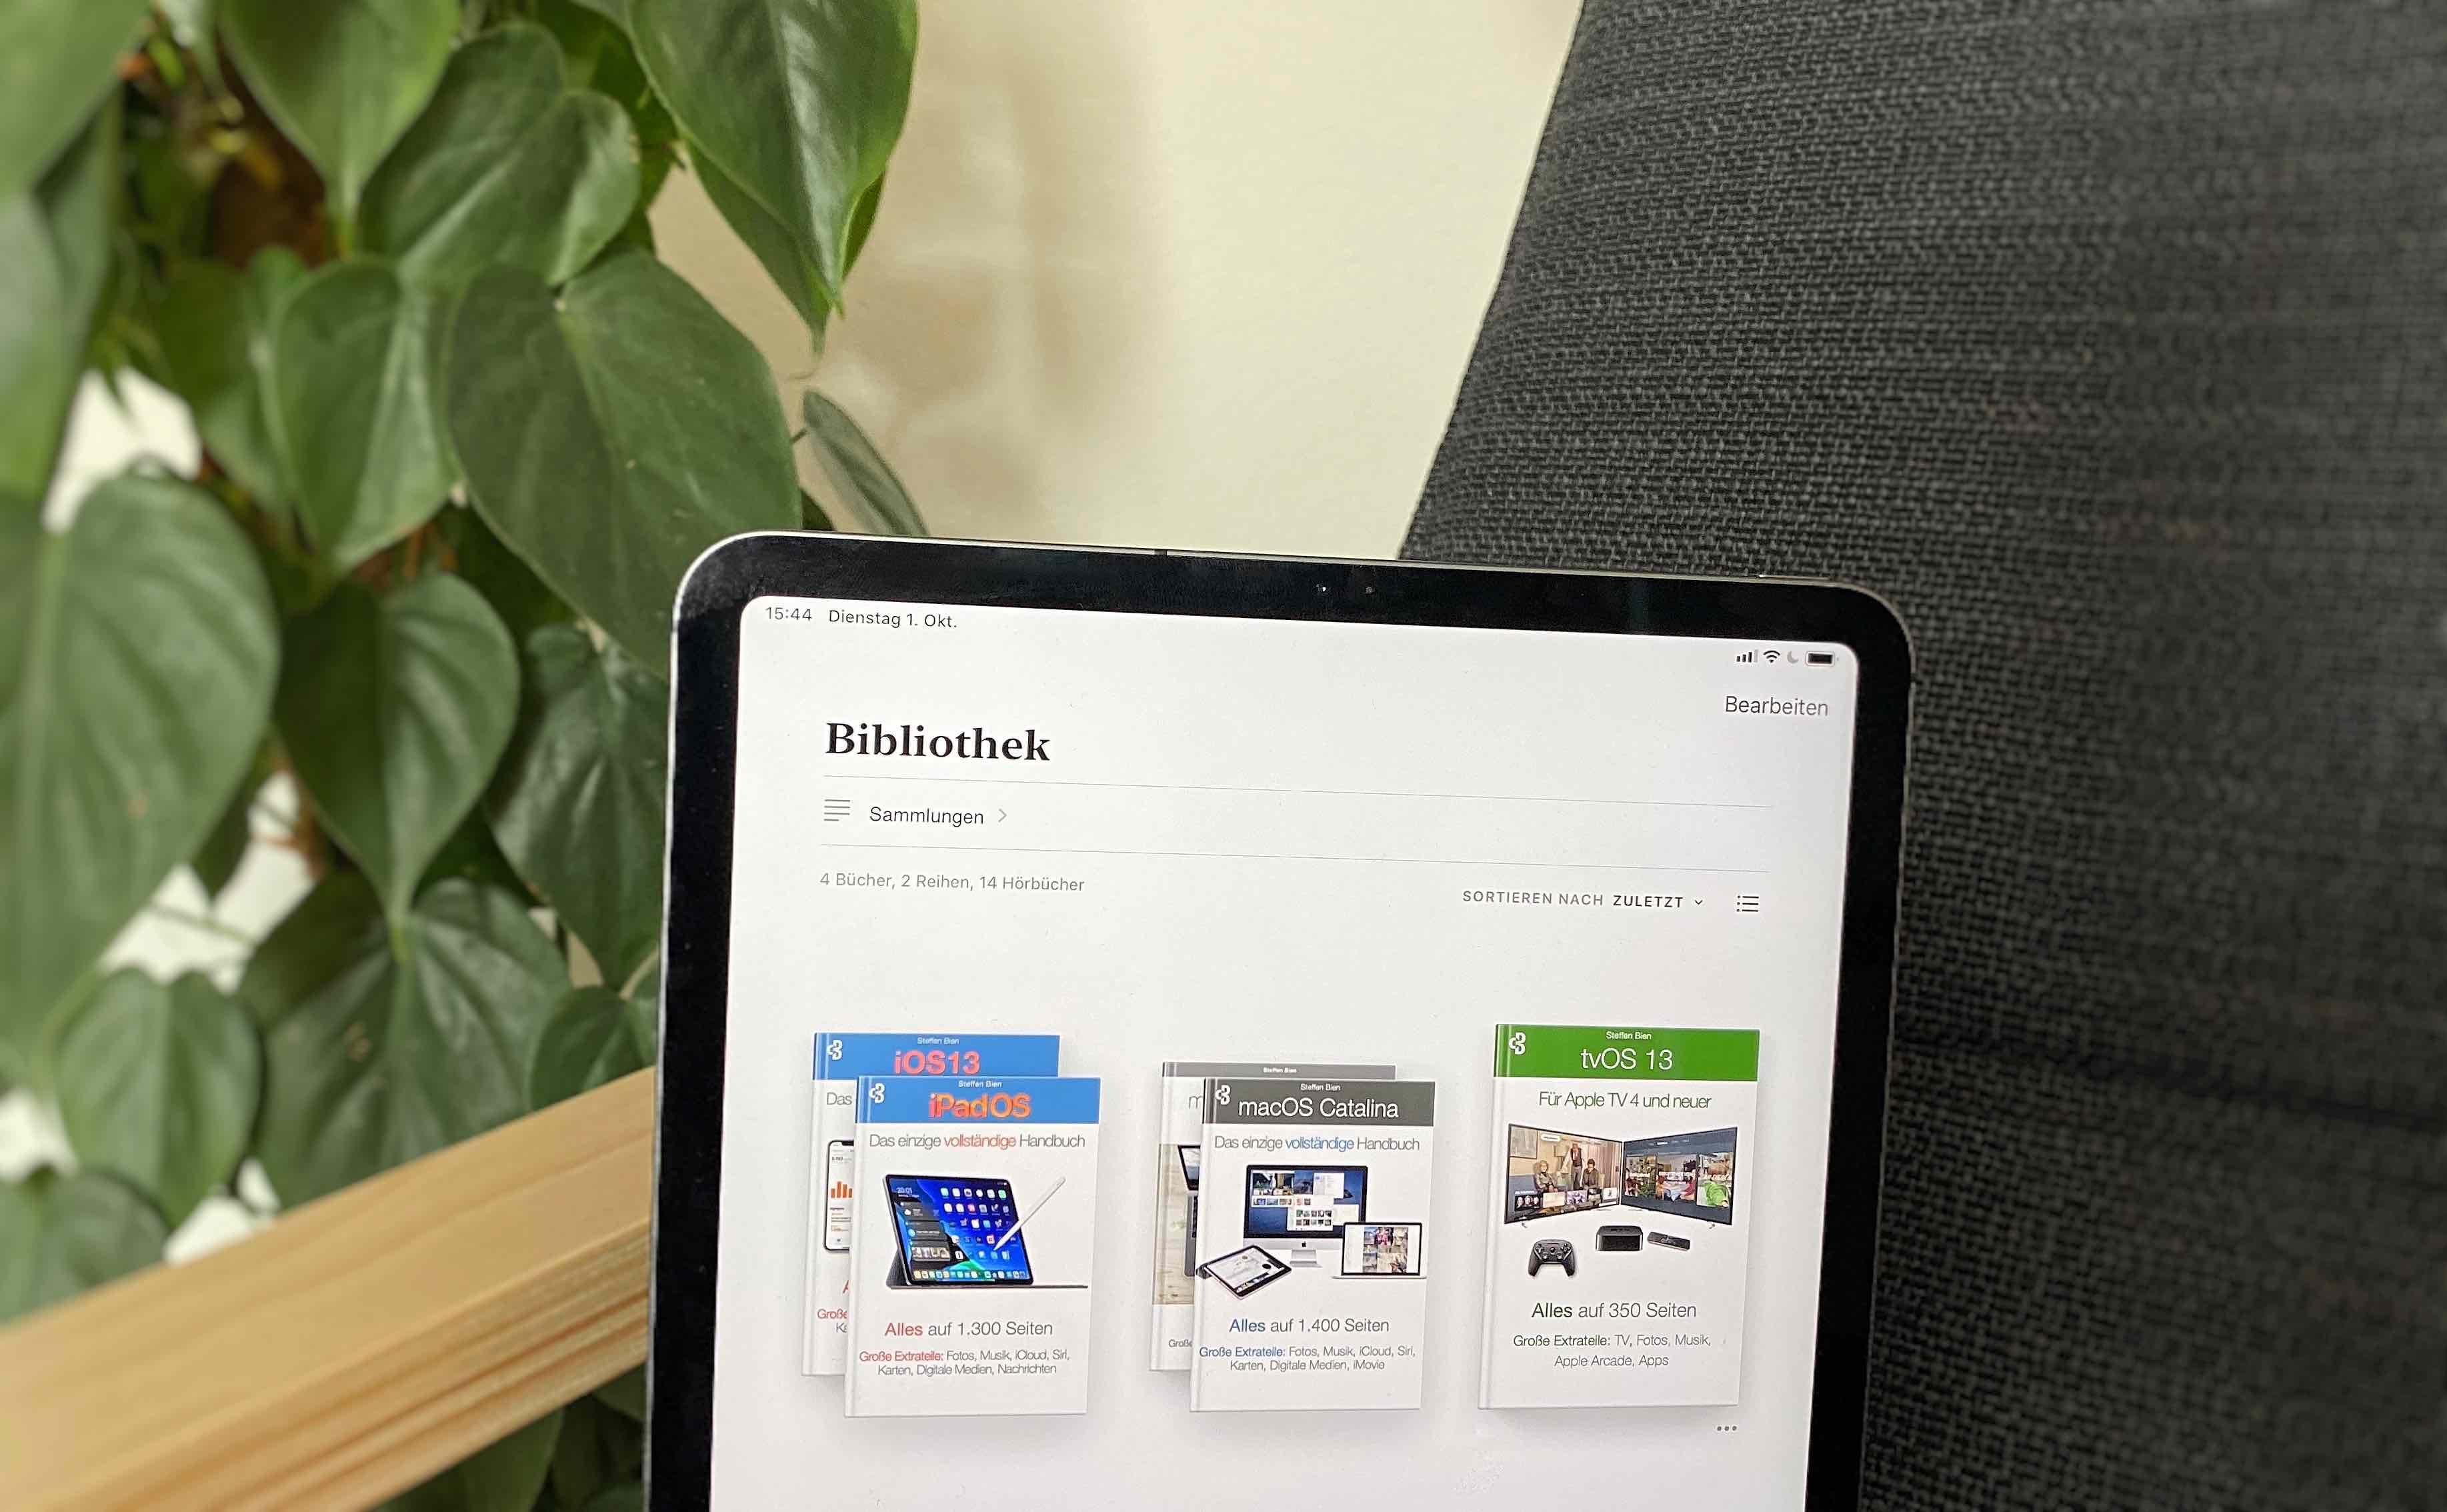 Hilfe-mit-grandiosen-Fachbüchern-zu-iOS-13-iPadOS-13-tvOS-13-und-macOS-10.15 Hilfe mit Fachbüchern zu iOS 13, iPadOS 13, tvOS 13 und macOS 10.15